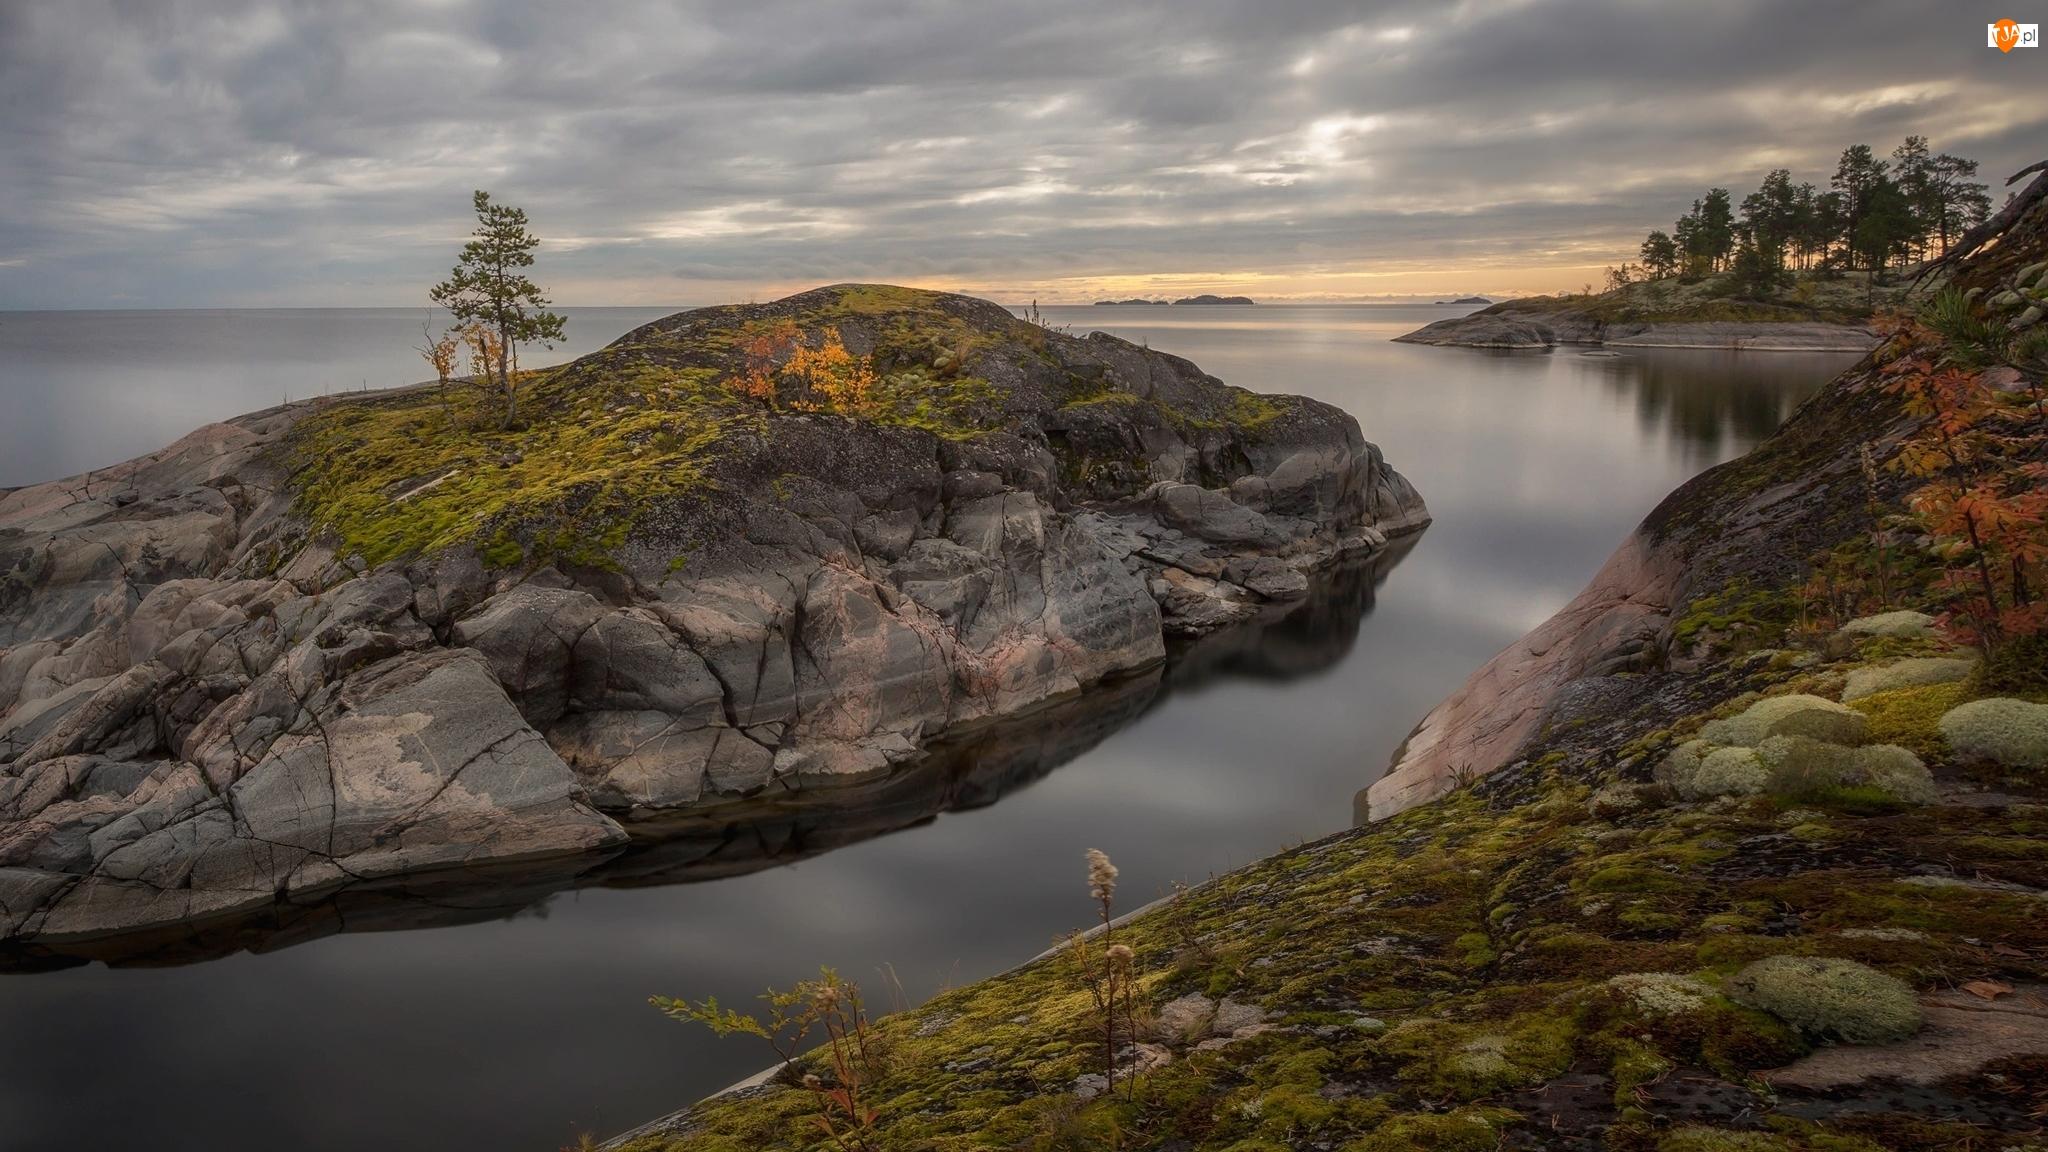 Wysepka, Skały, Rosja, Jezioro Ładoga, Karelia, Mech, Drzewa